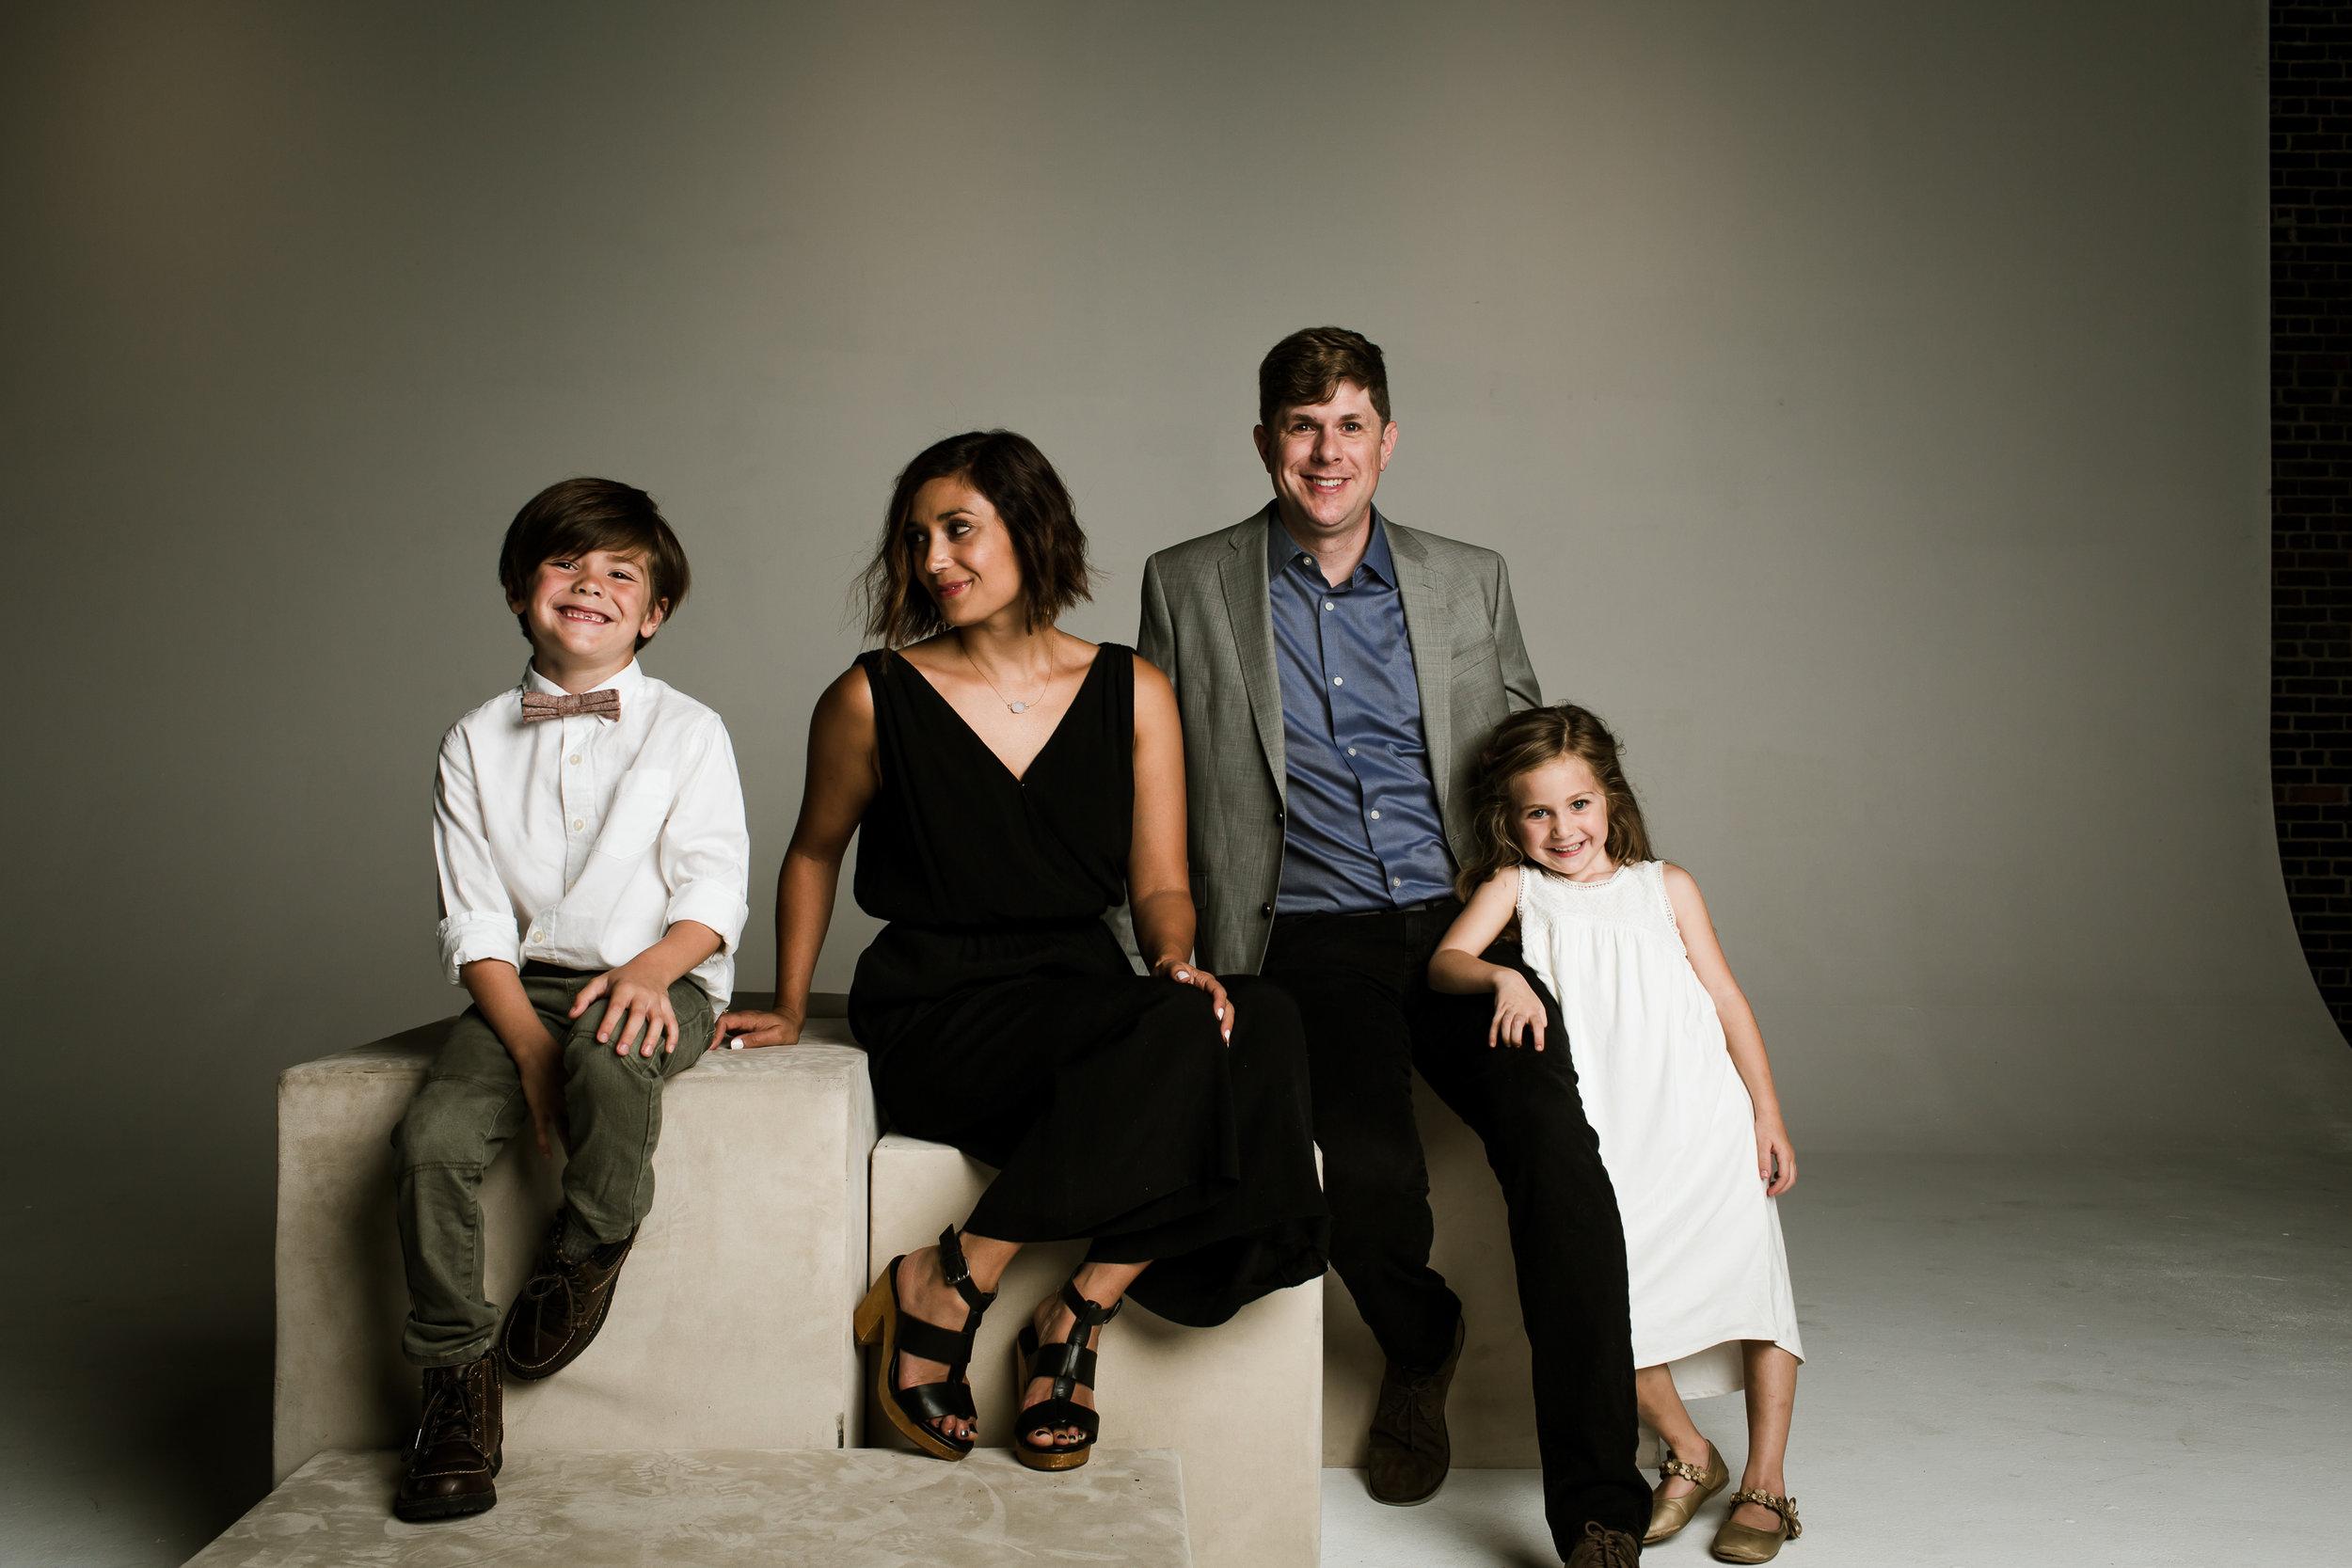 Gianna Keiko Atlanta Family Studio Portrait Photographer-2.jpg